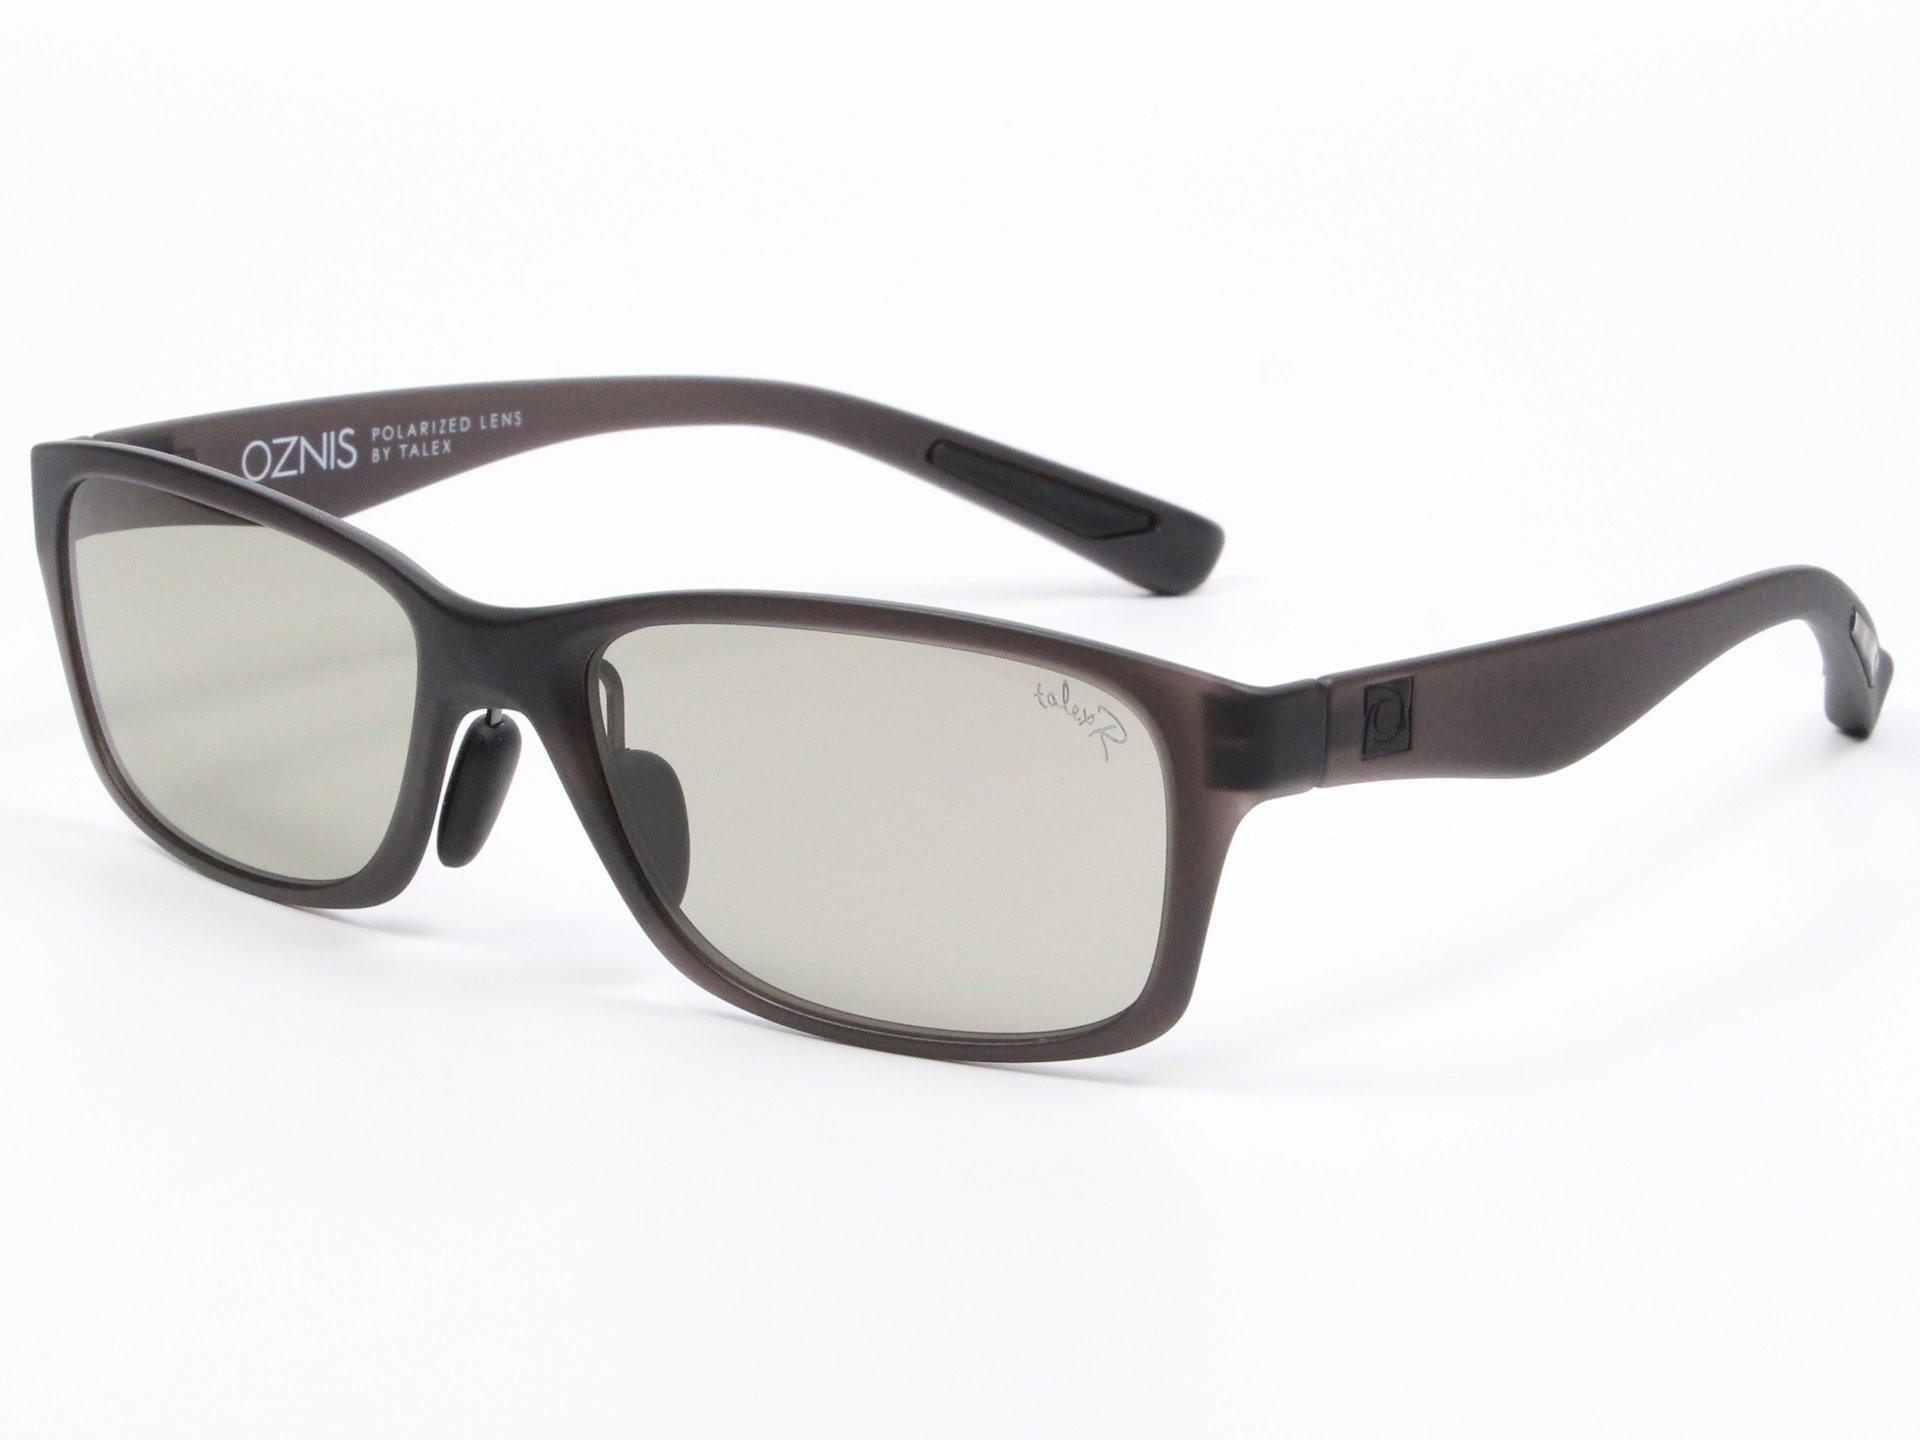 TALEX(タレックス)度なしサングラス製作例 OZNIS FLAT13(オズニス・フラット13)